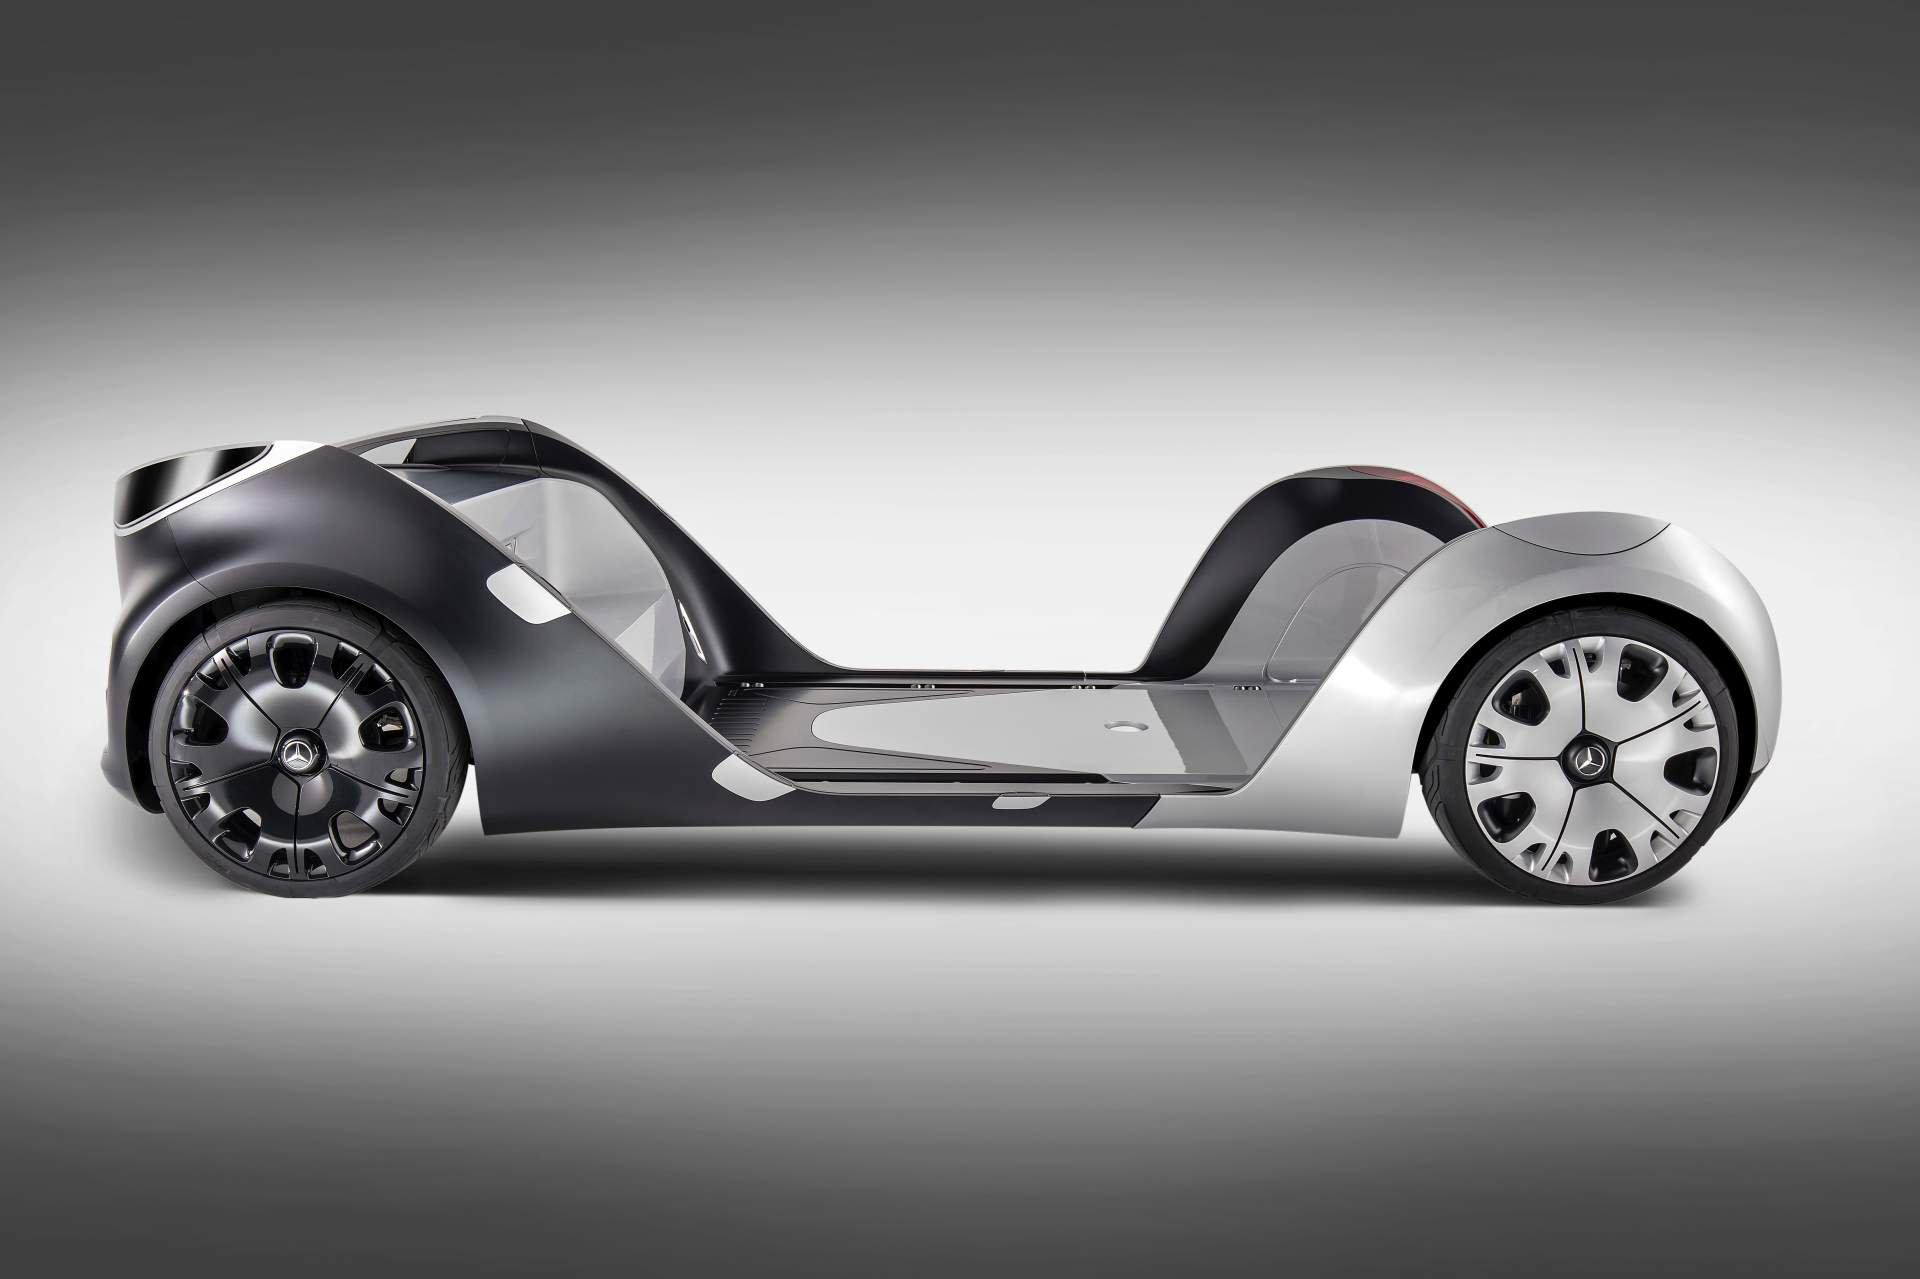 Mercedes-Benz Vans giới thiệu xe điện tự hành đa chức năng: Vision Urbanetic